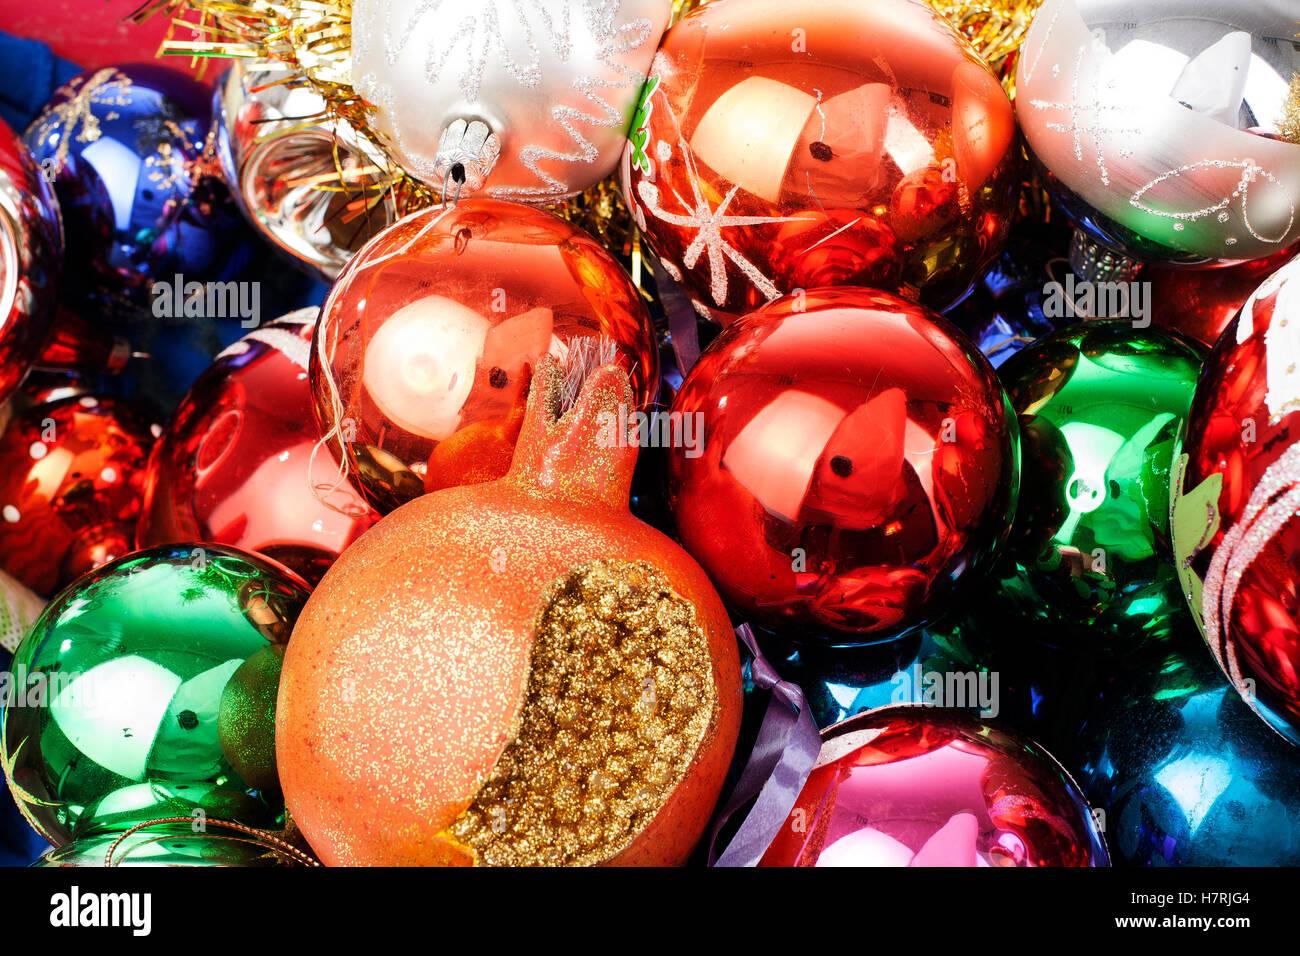 Weihnachtsbaumschmuck gl nzendes echtglas vintage weihnachtskugeln bunte auff llige brilliant - Weihnachtskugeln vintage ...